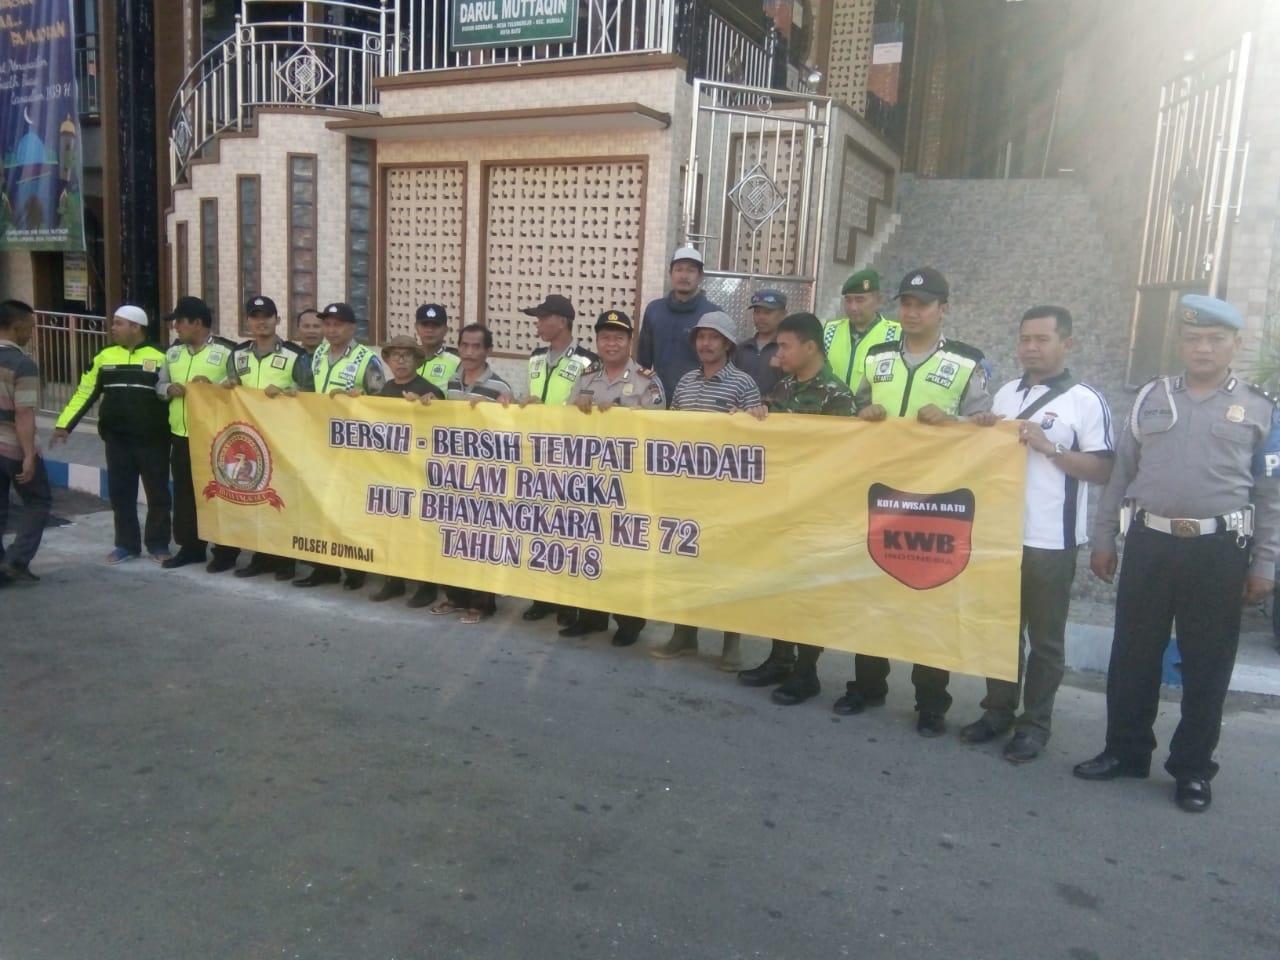 Dalam Rangka Menyambut HUT Polri Ke-72 Anggota Polsek BUMIAJI Polres Batu Bersihkan Masjid Darul Mutaqin